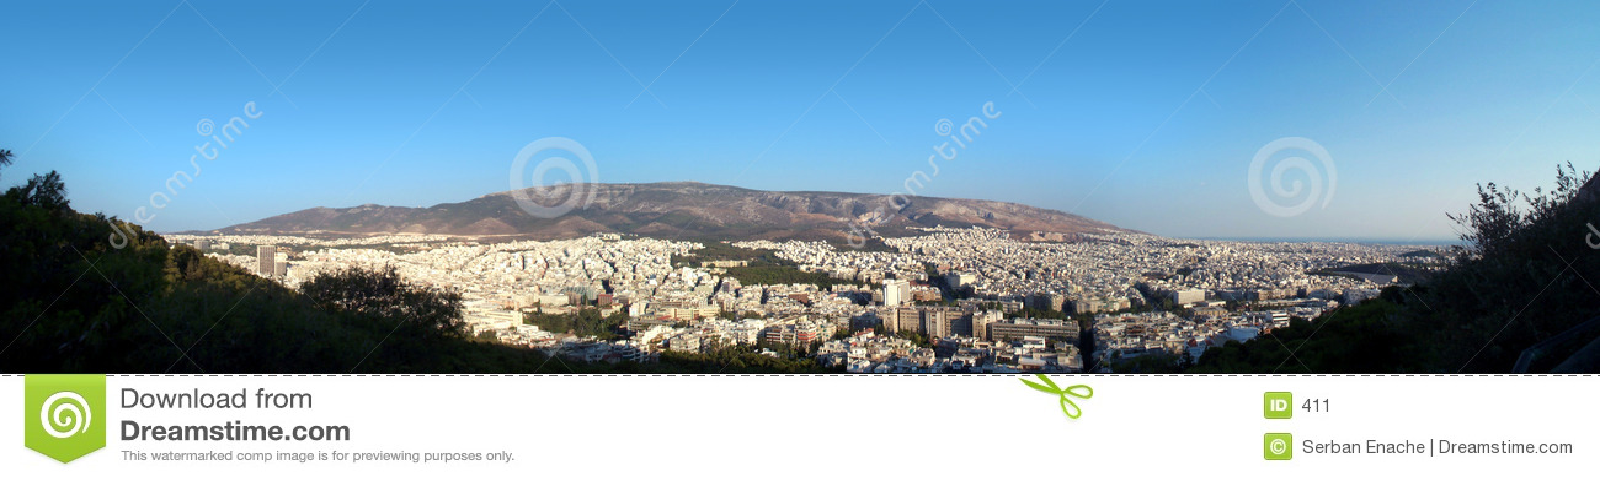 Athen-Panorama